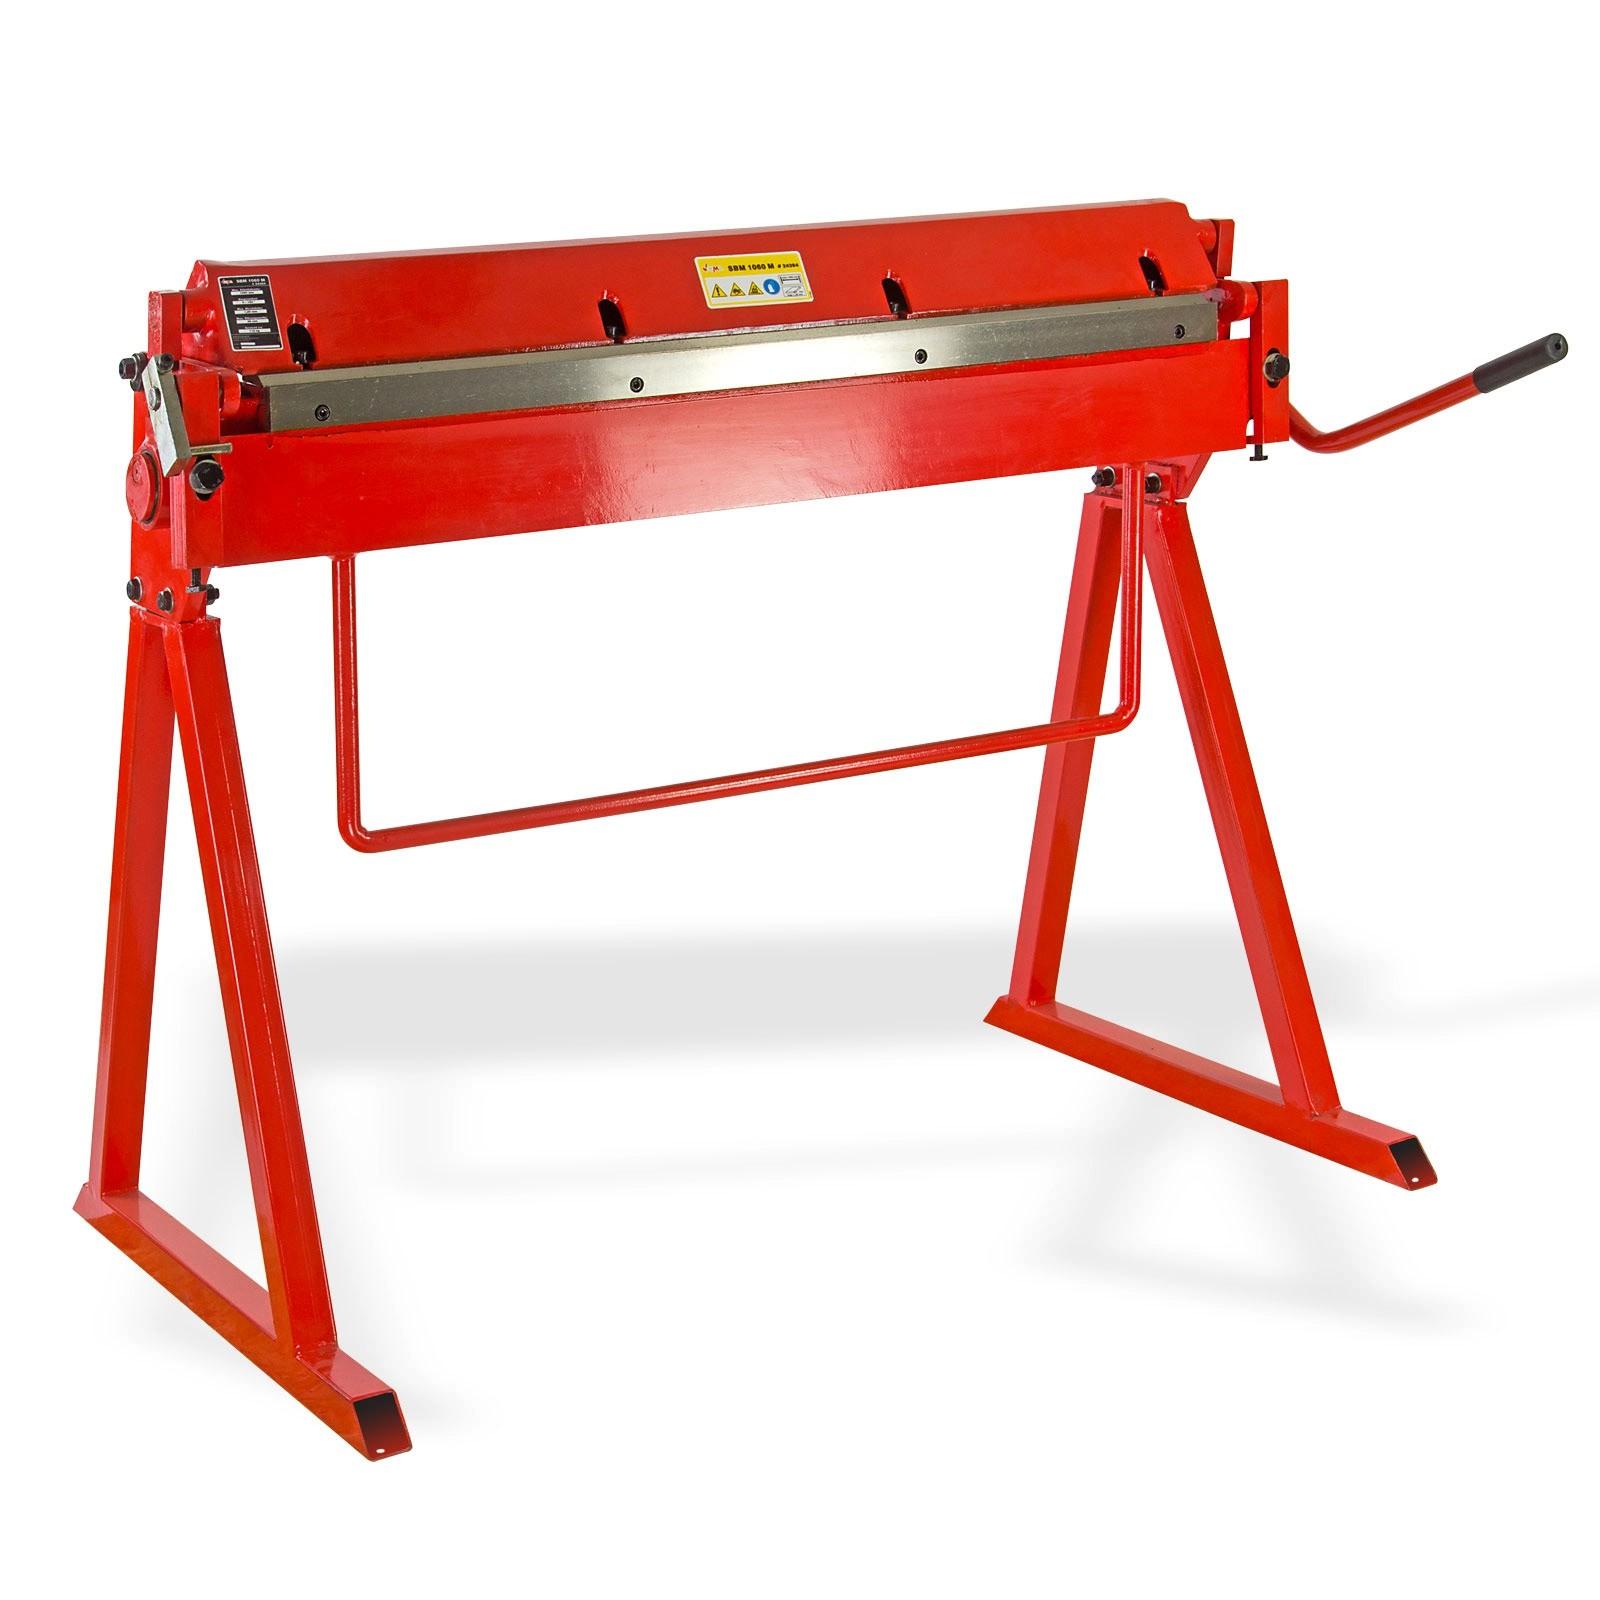 Dema Schwenkbiegemaschine / Biegemaschine 1,2 x 1060 mm 24384